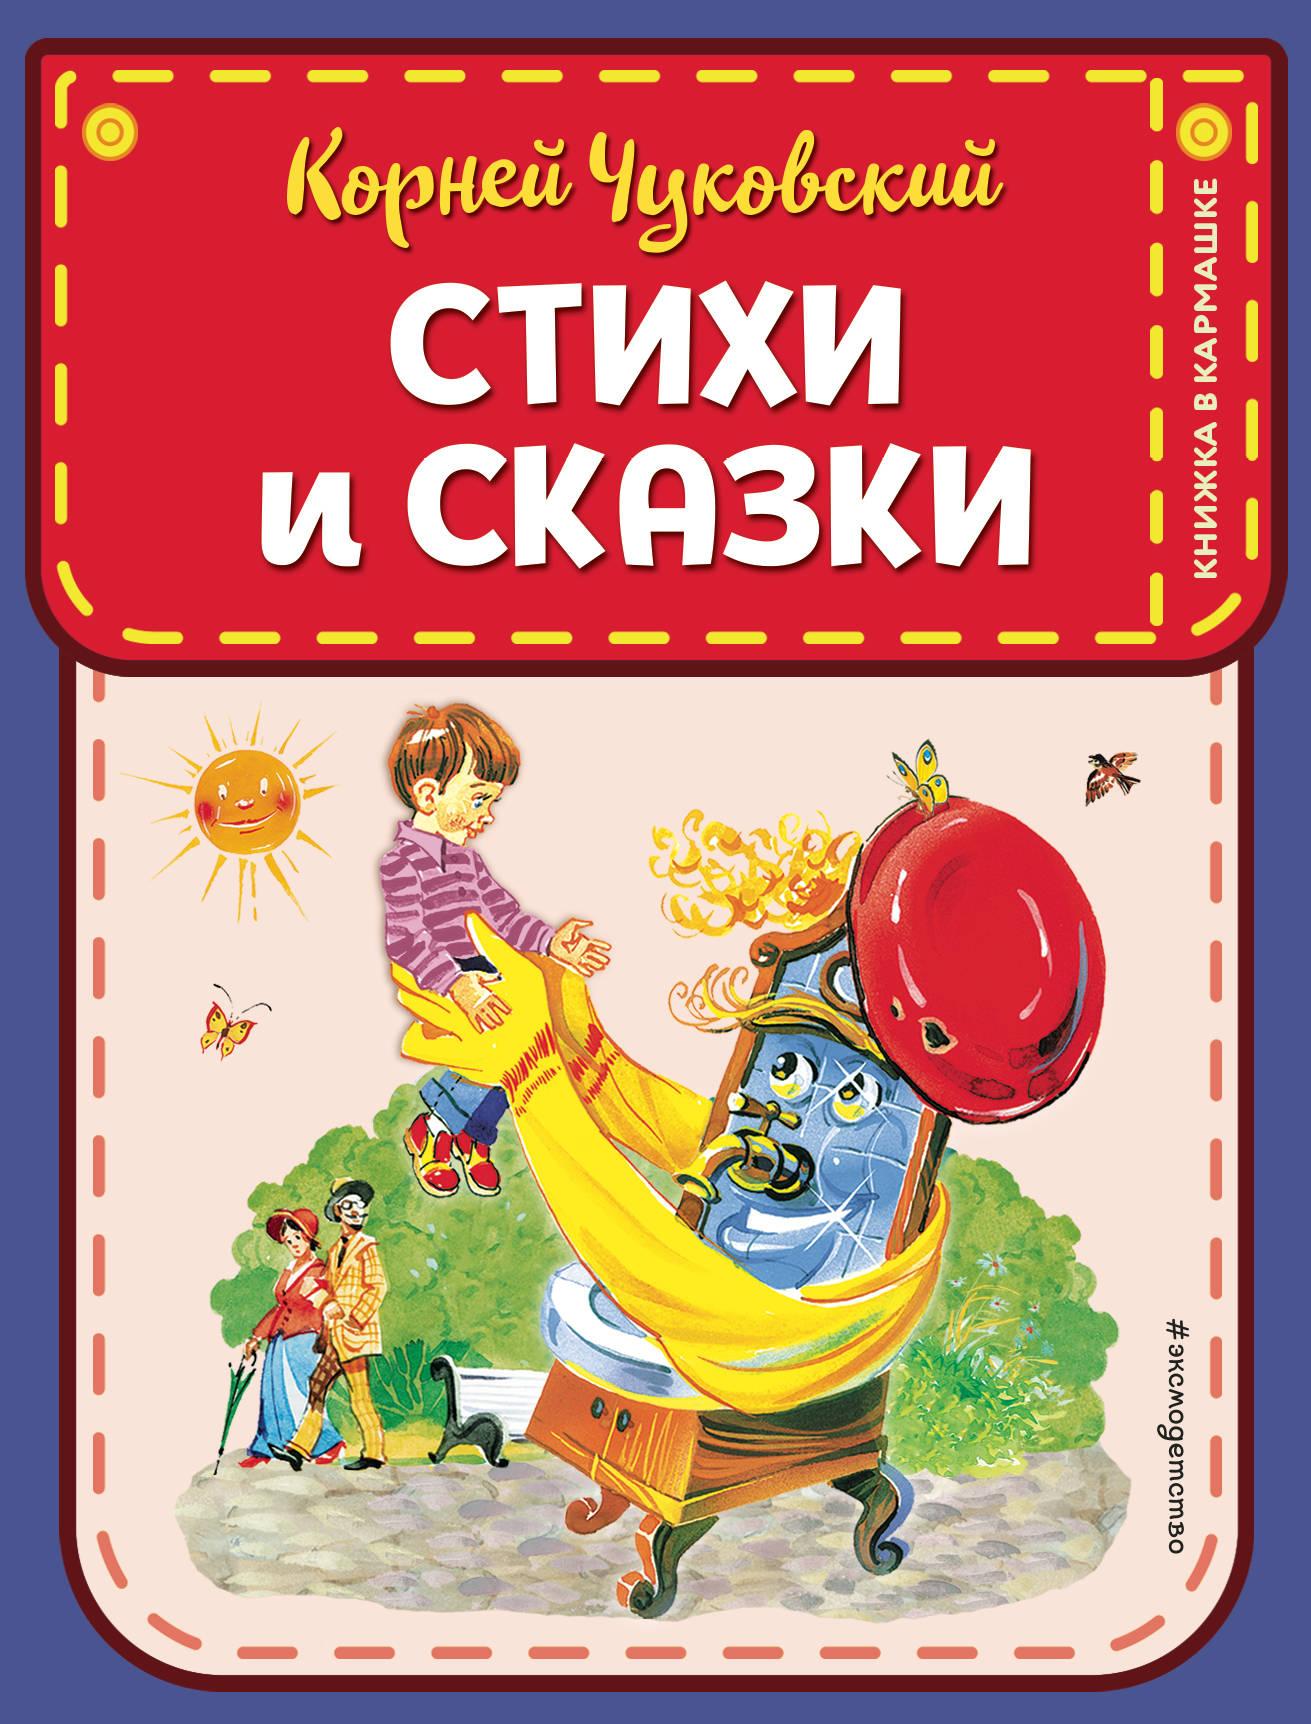 Stikhi i skazki (il. V. Kanivtsa)